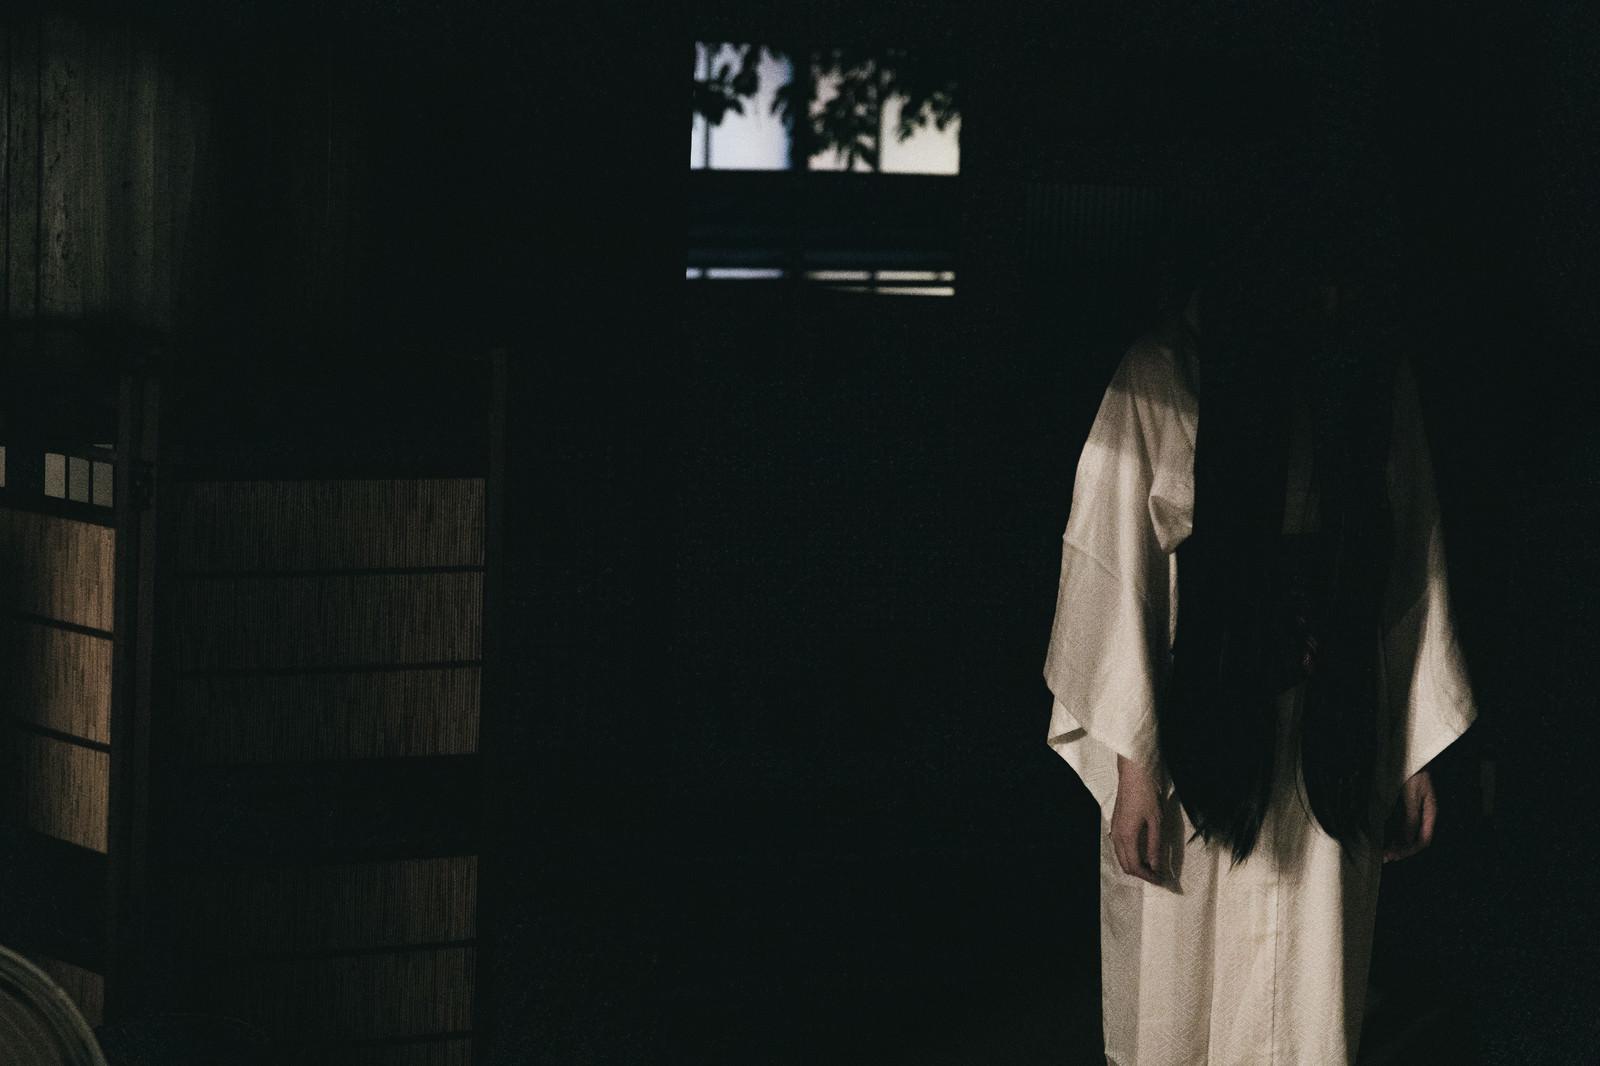 「暗闇の中から下を向いた女性の霊」の写真[モデル:緋真煉]